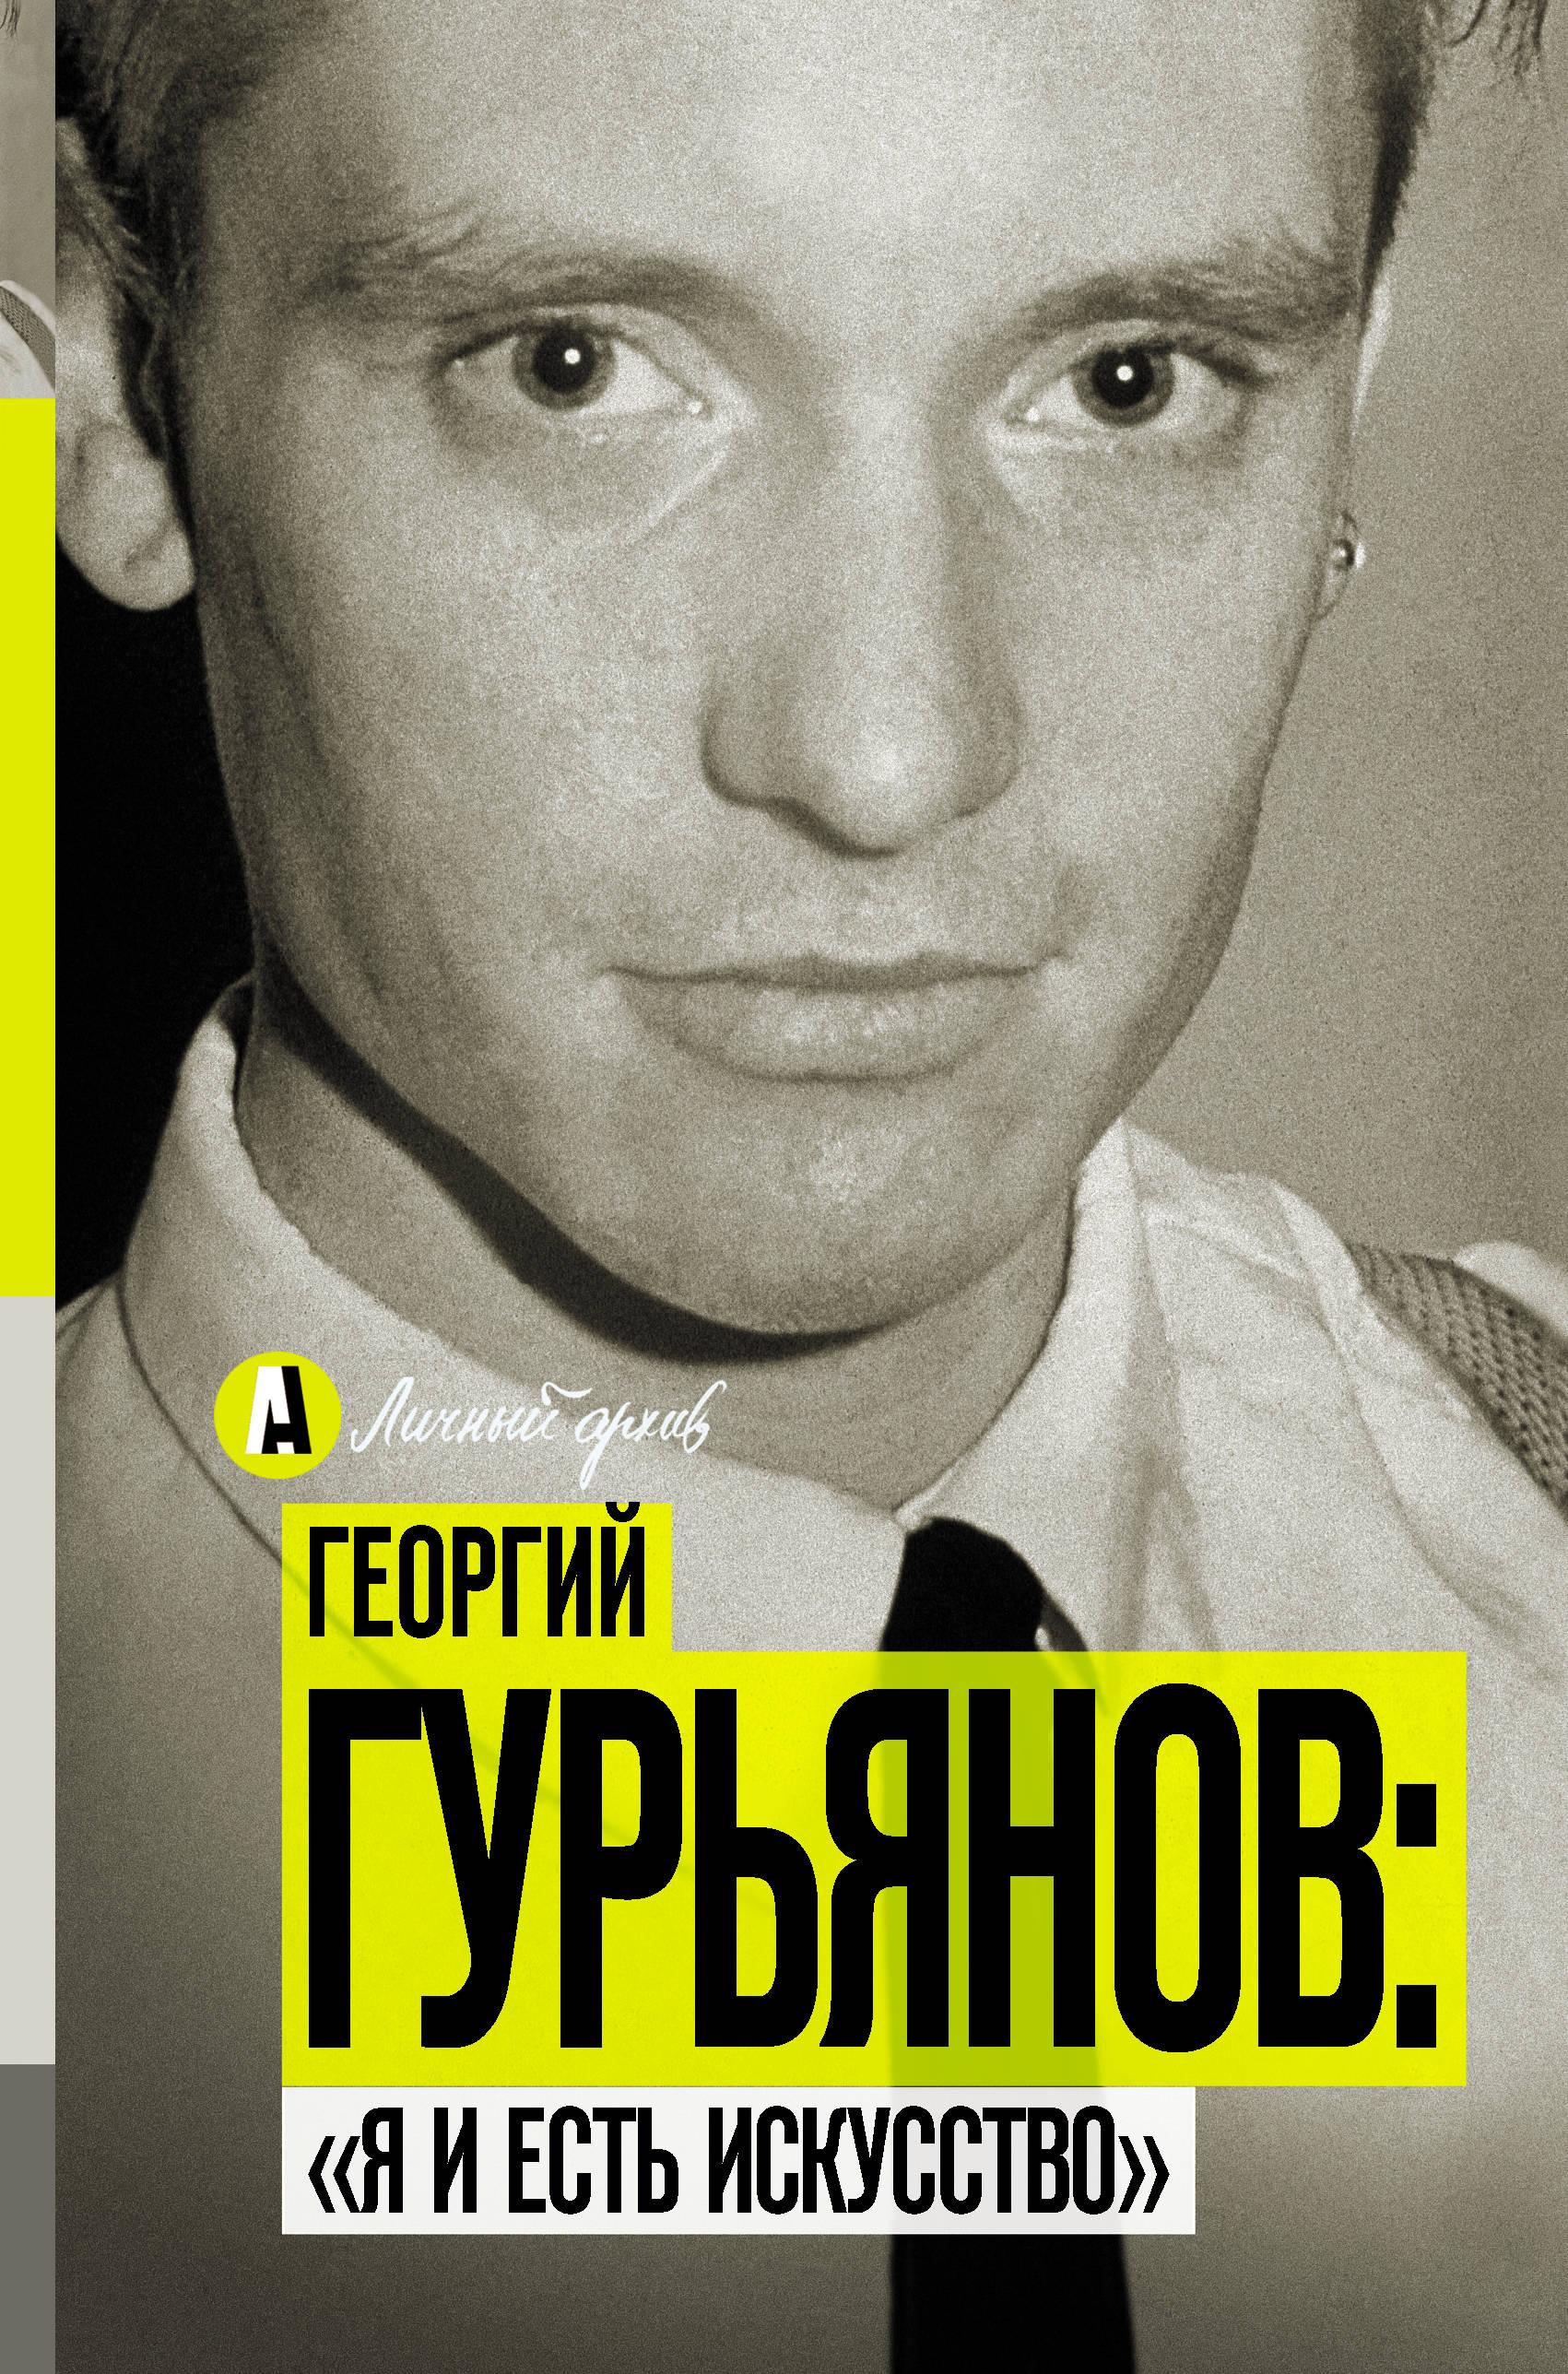 Георгий Гурьянов. Я и есть искусство